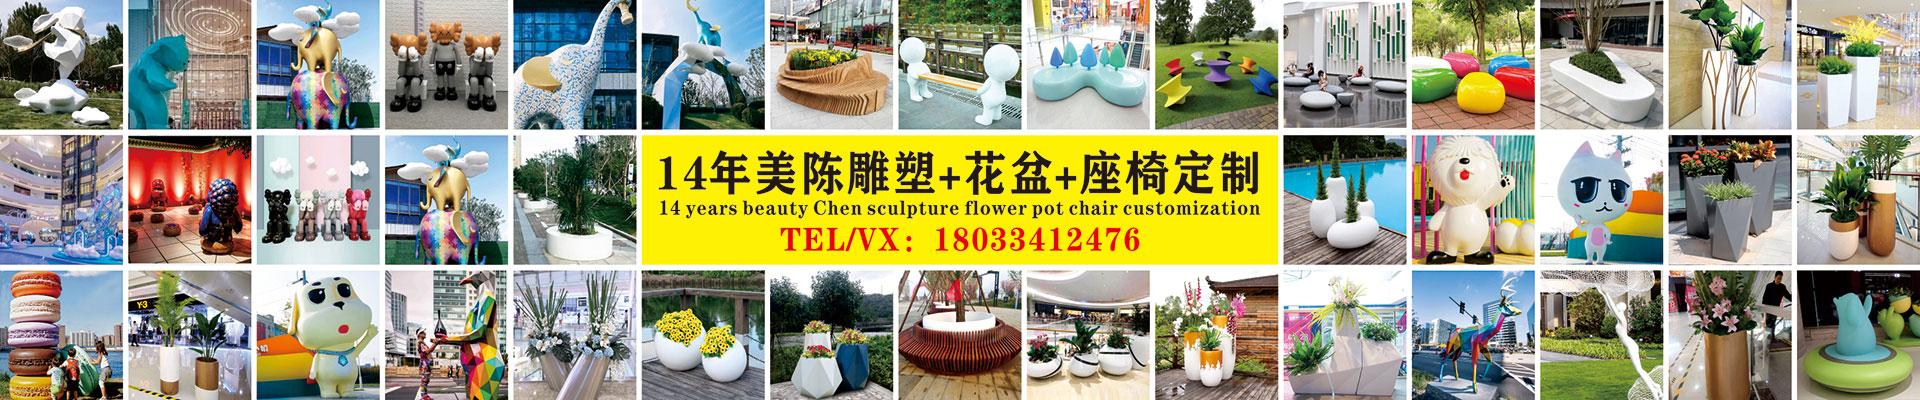 深圳年代印象工程设计有限公司